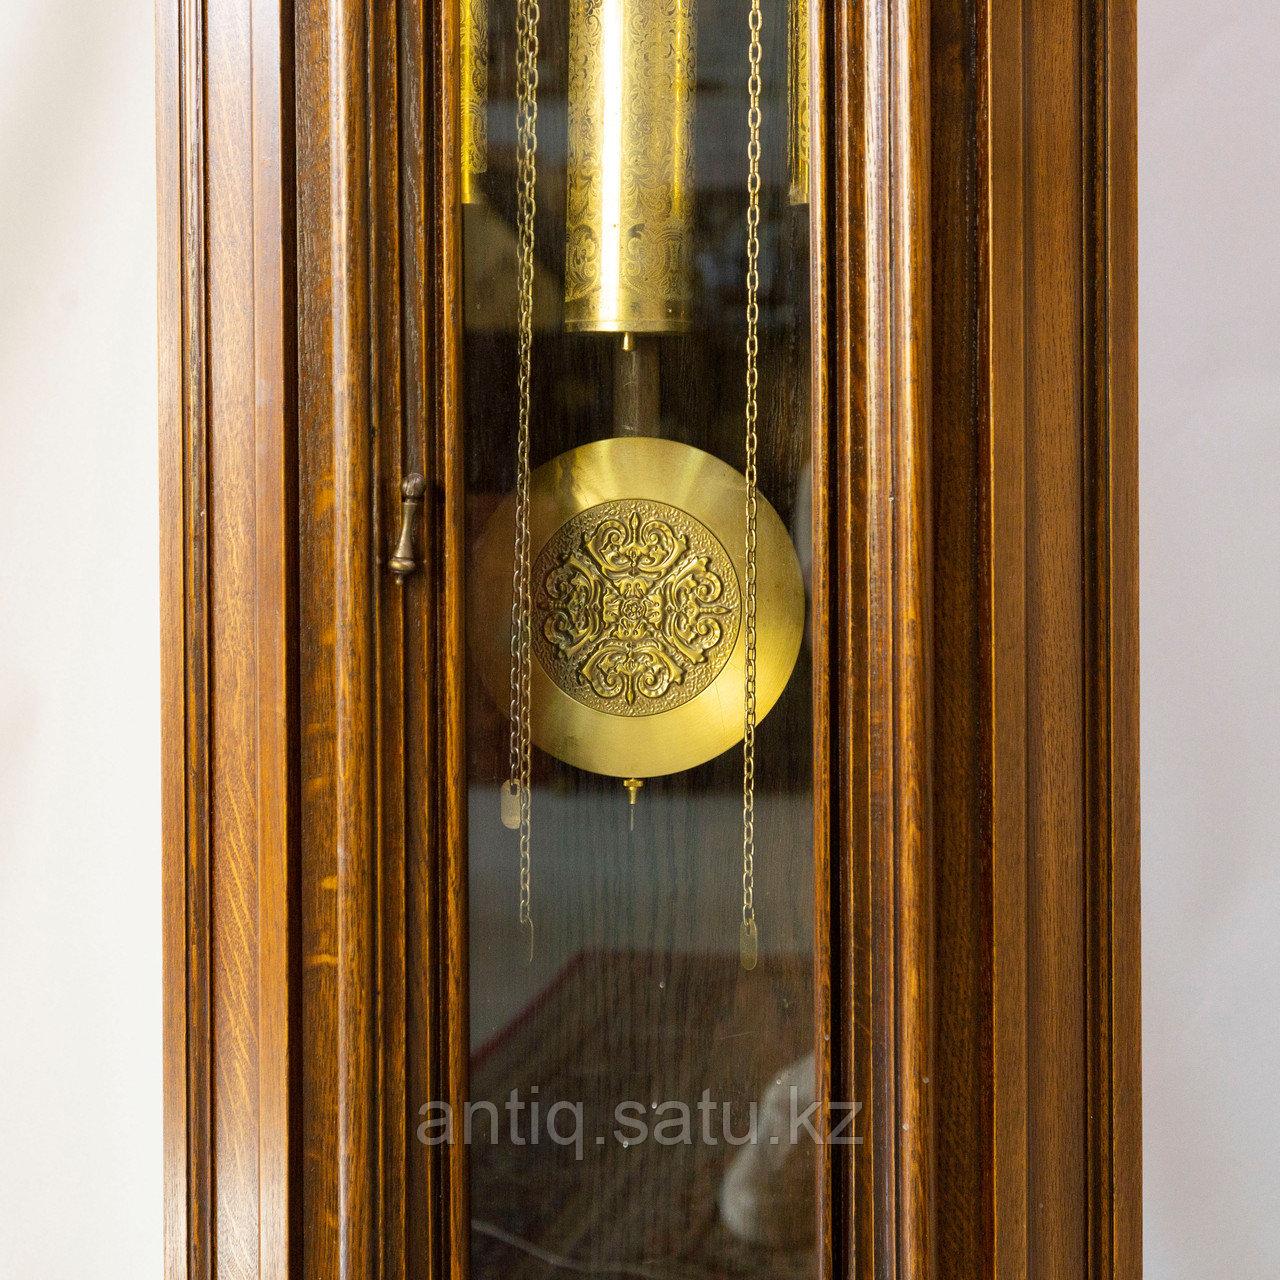 Напольные часы URGOS Германия - фото 8